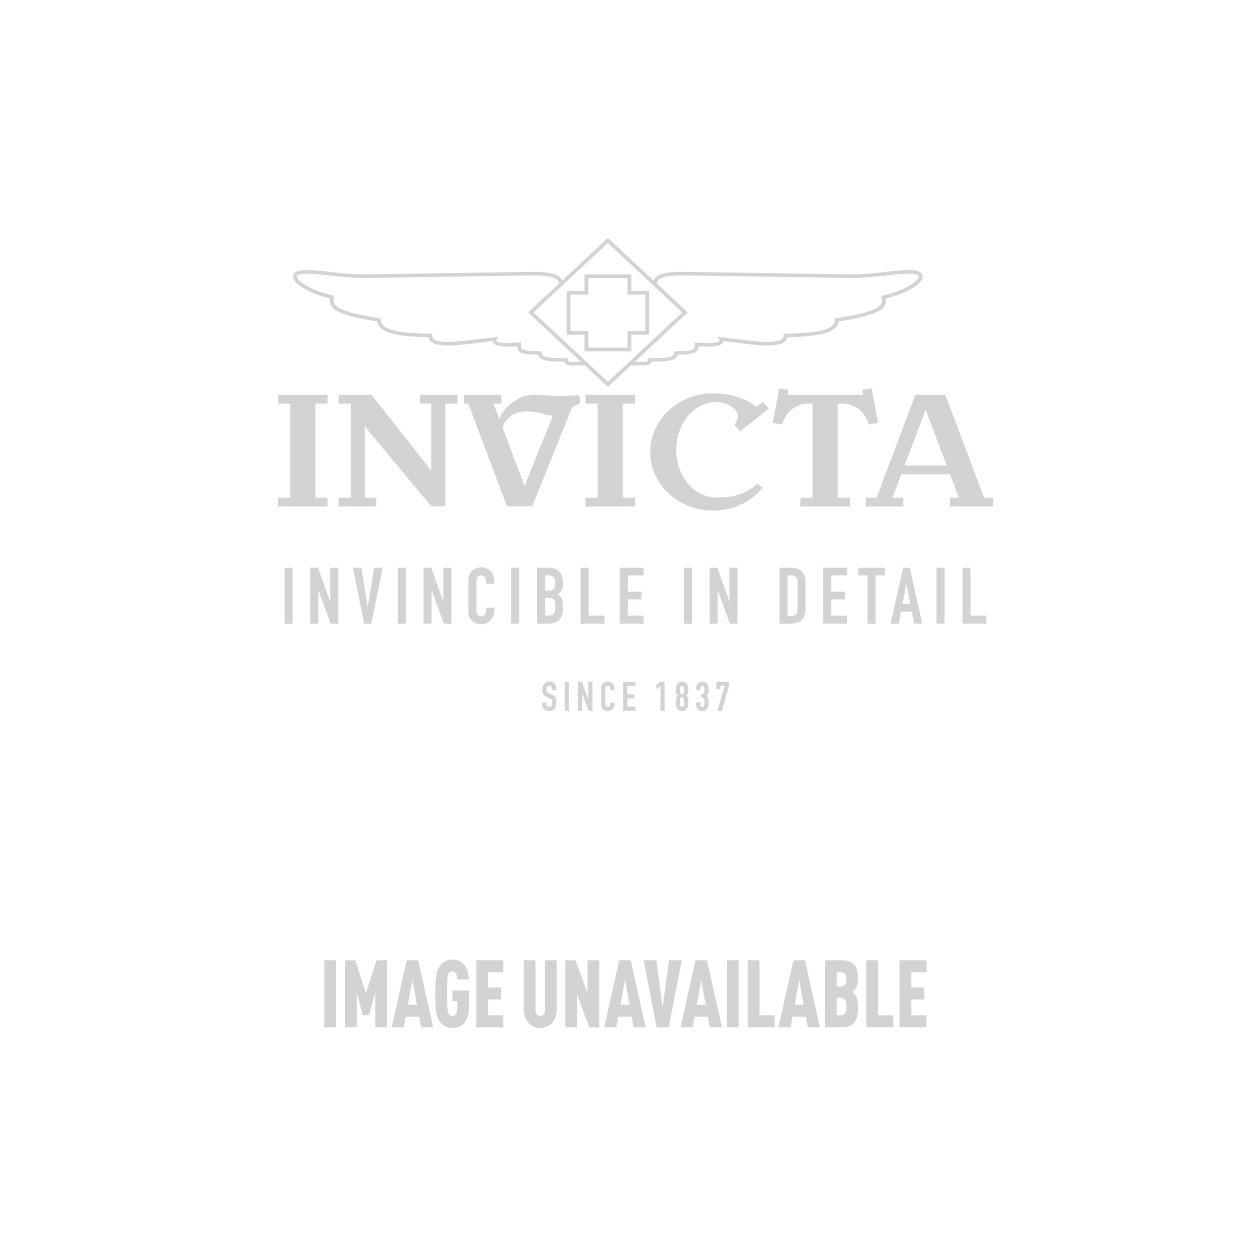 Invicta Model 27450